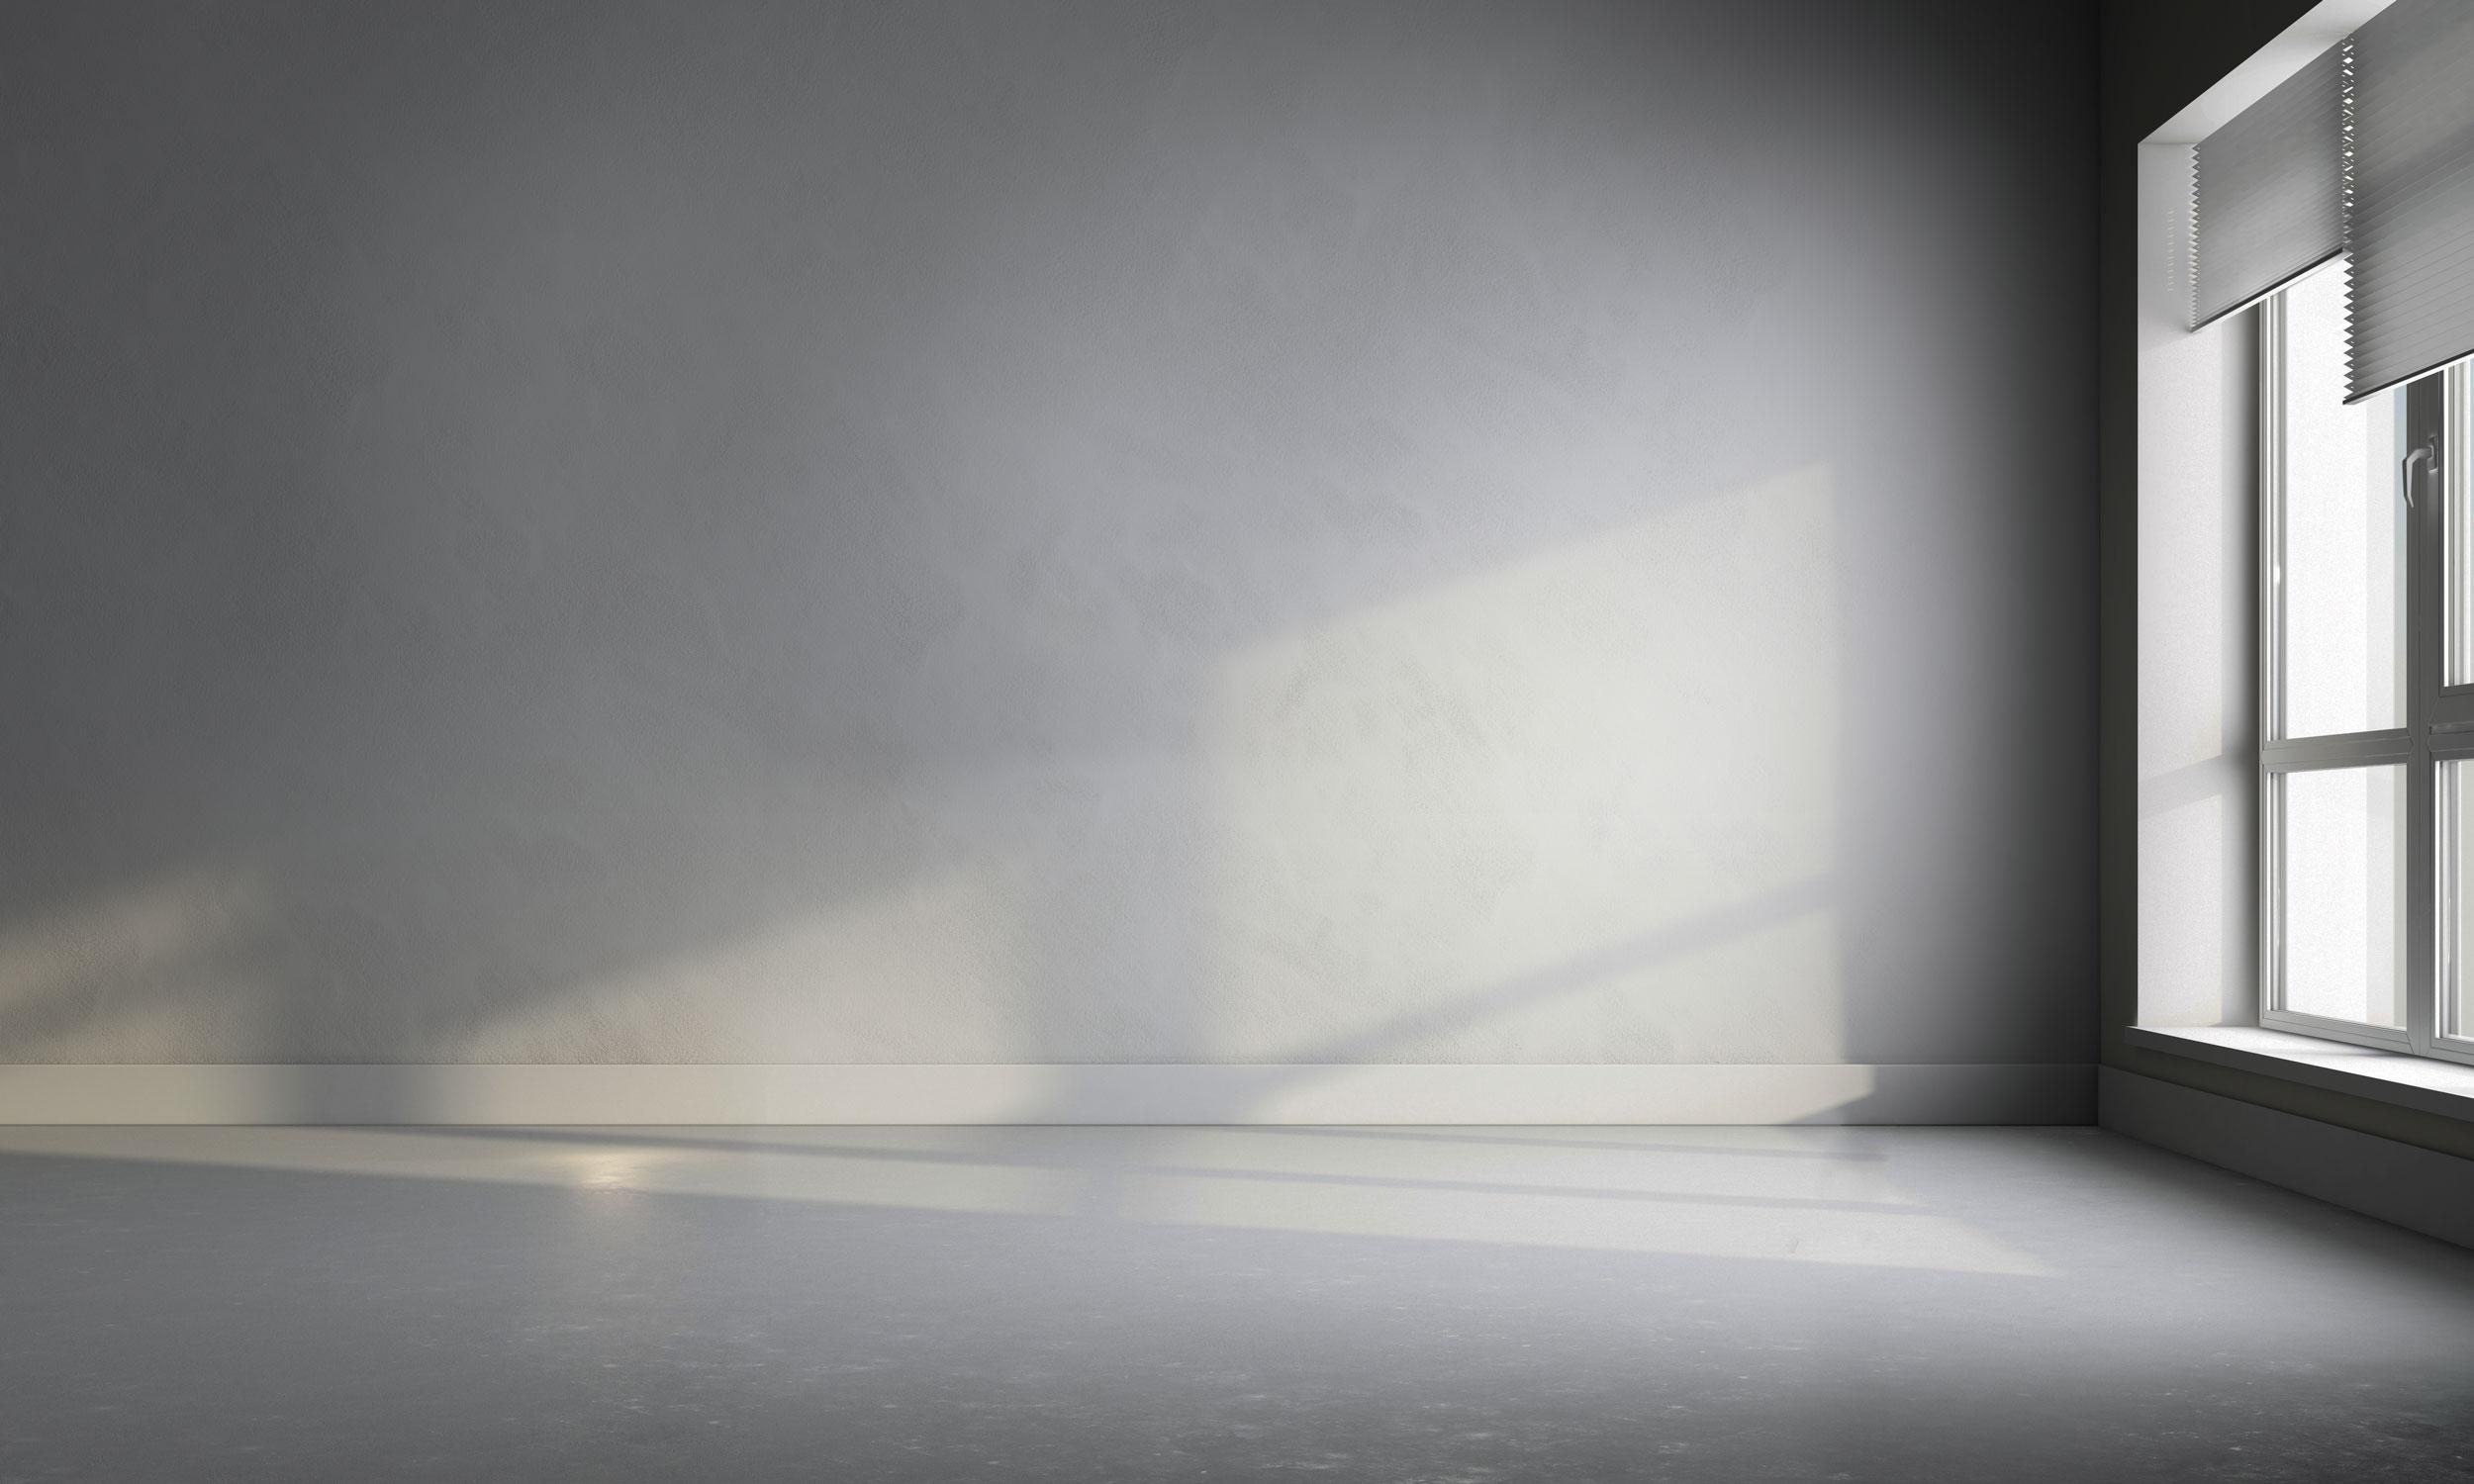 NUR BEI SCANDIPAINT   Perfekte Oberflächen Werkzeug Set